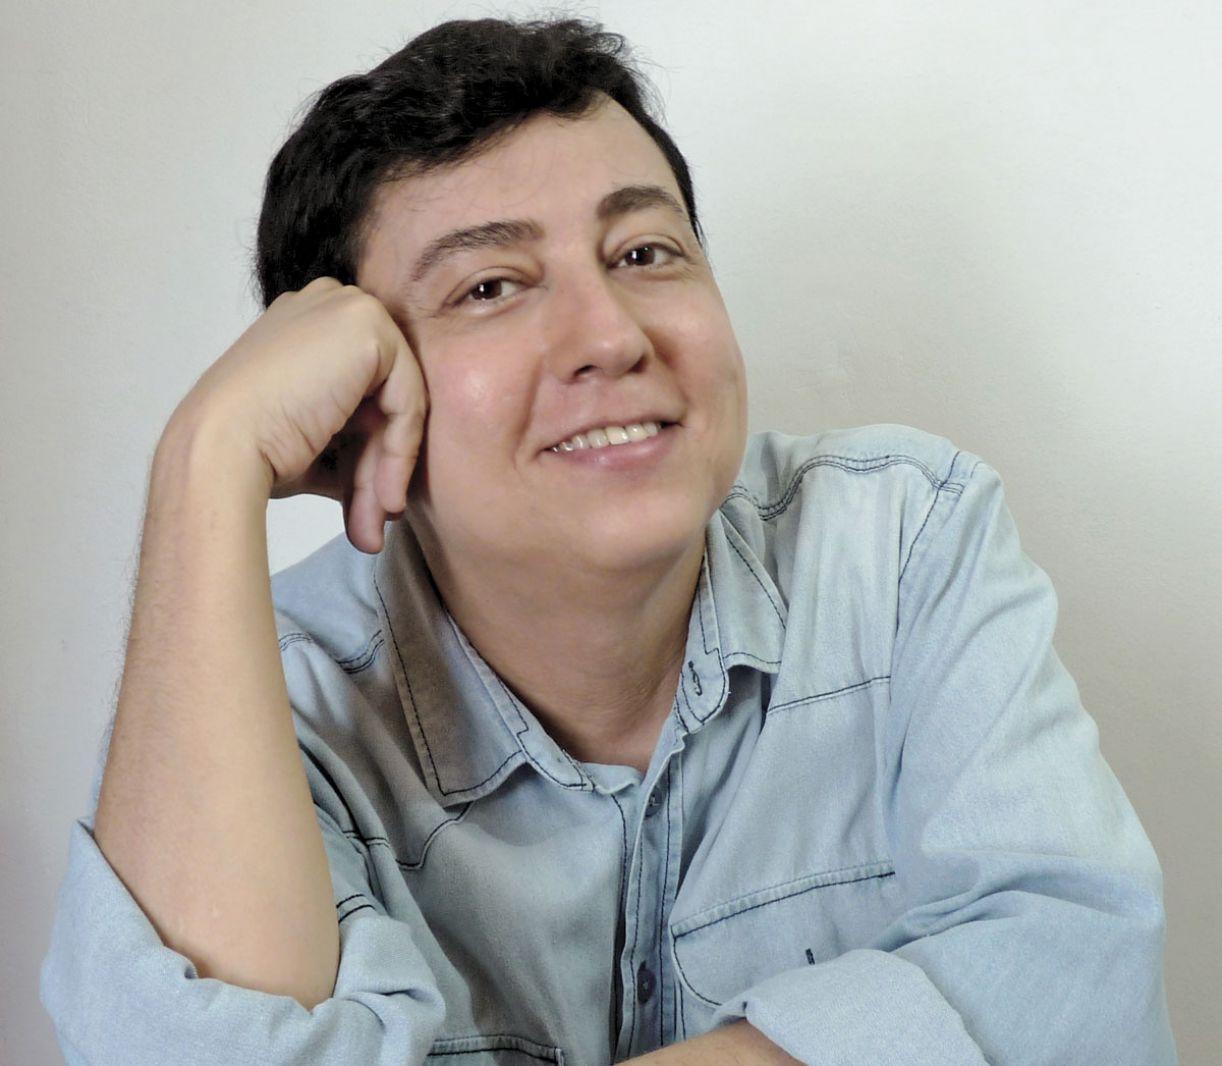 Raimundo de Moraes